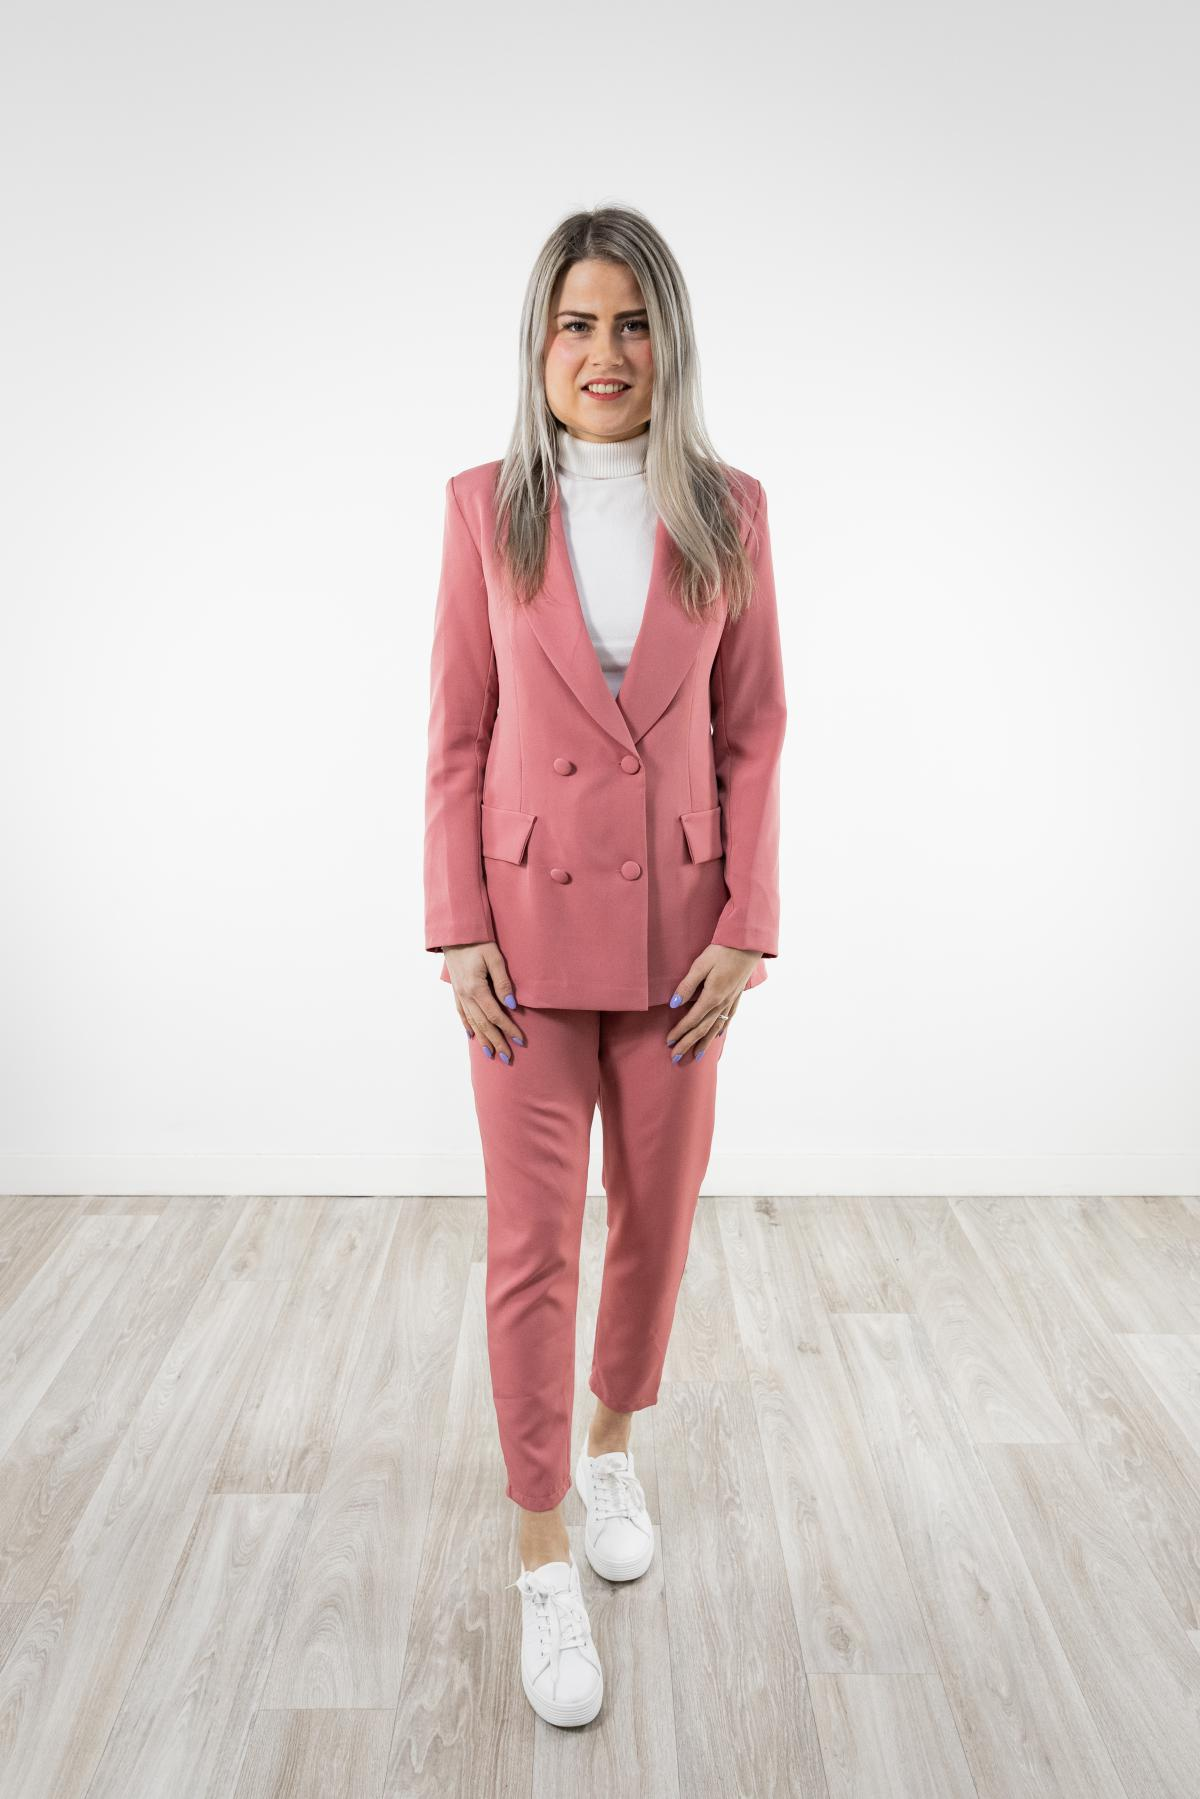 Beste Broekpak vrouw roze AL-39